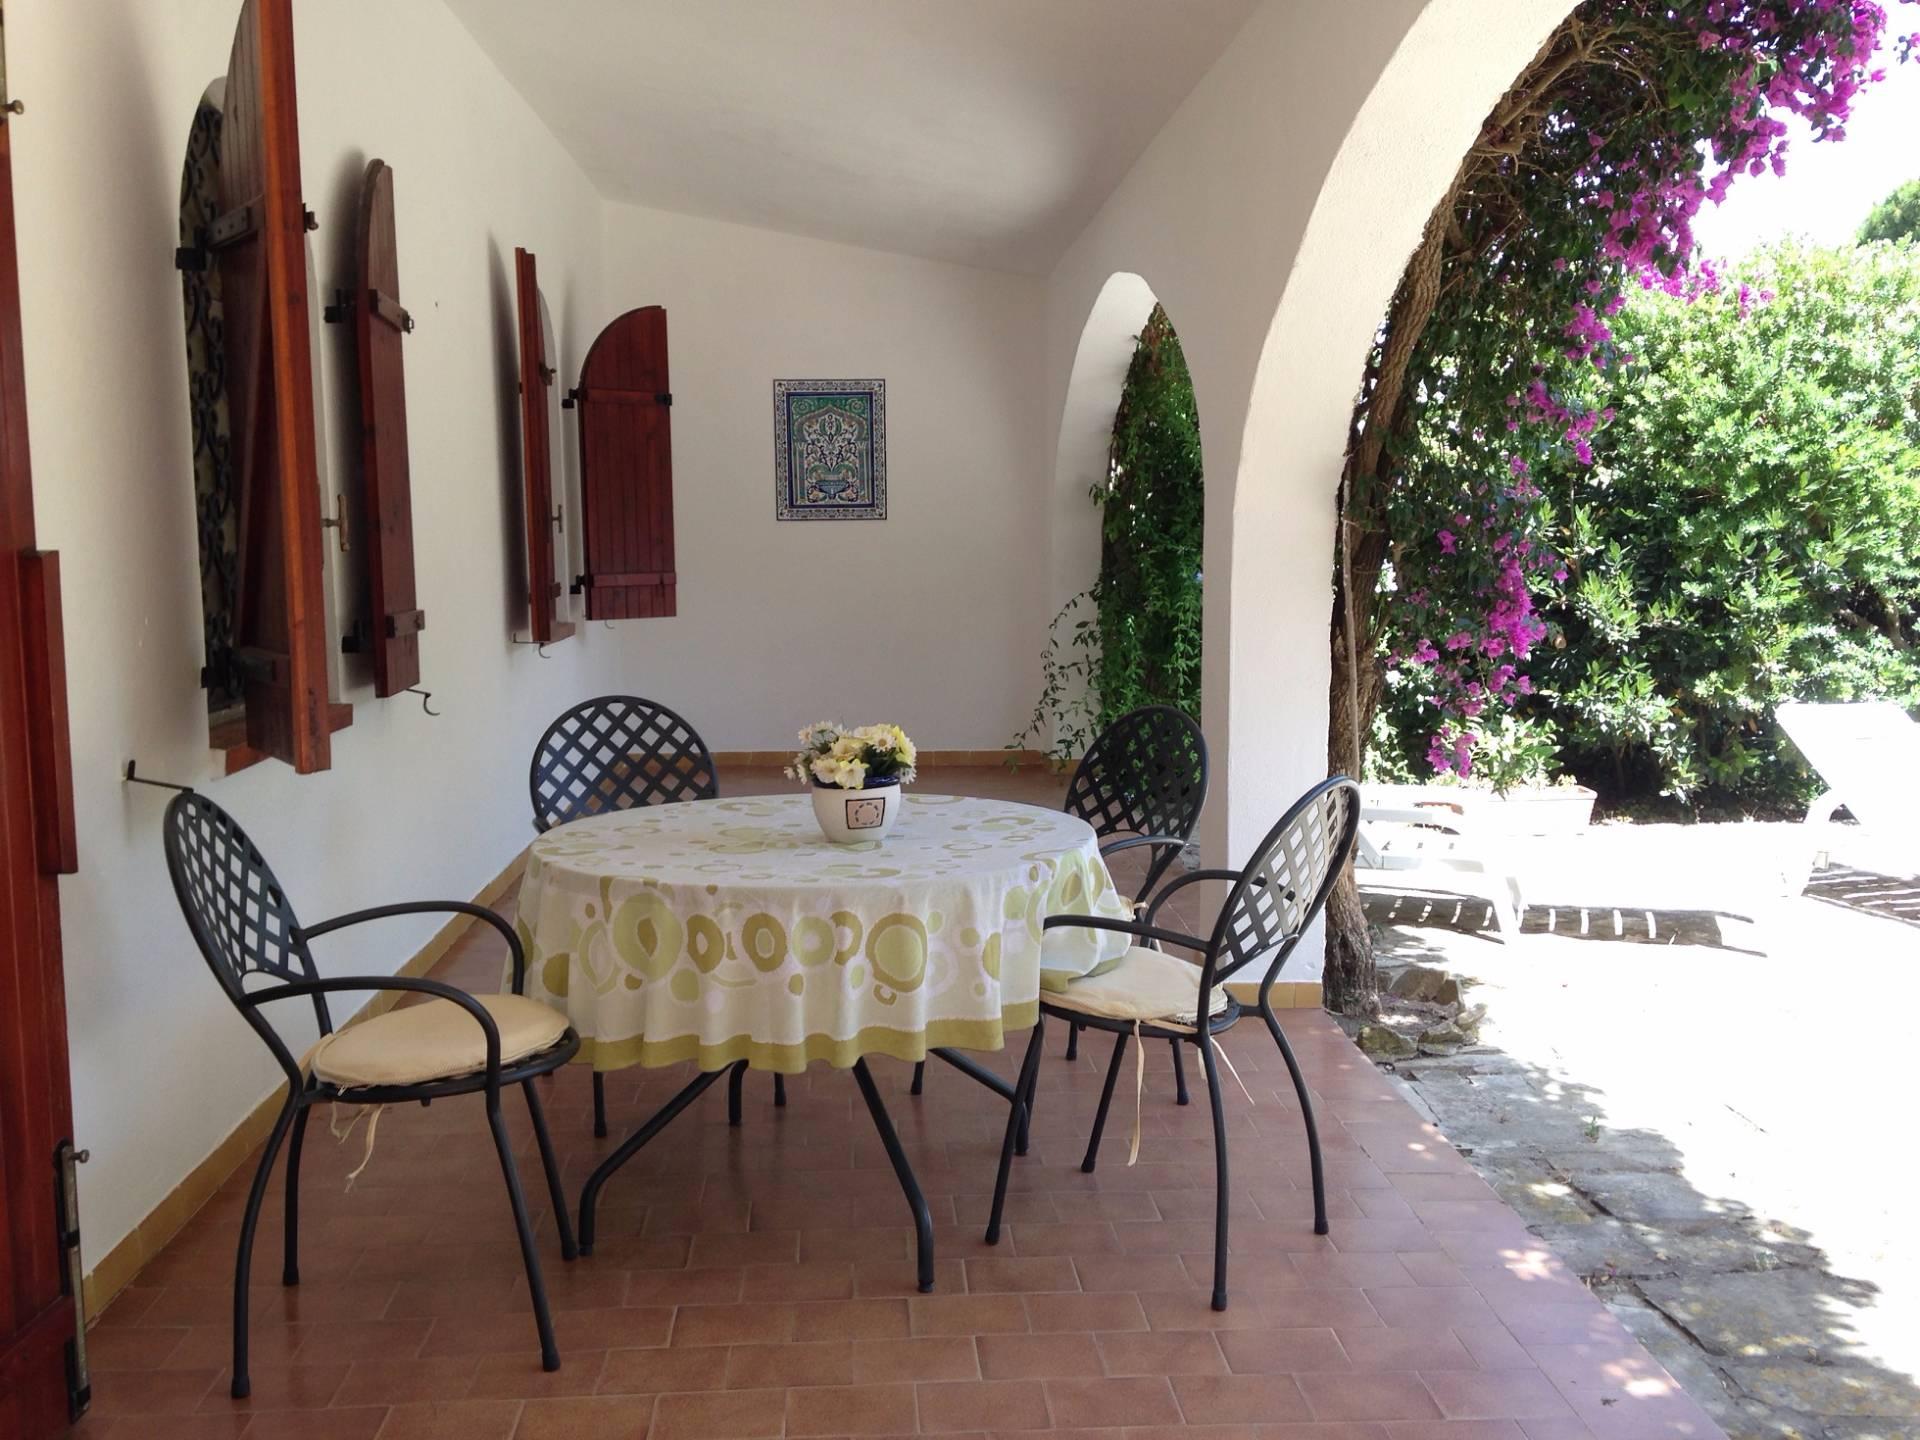 Villa in vendita a Maracalagonis, 5 locali, zona Località: TorredelleStelle, prezzo € 280.000 | Cambio Casa.it